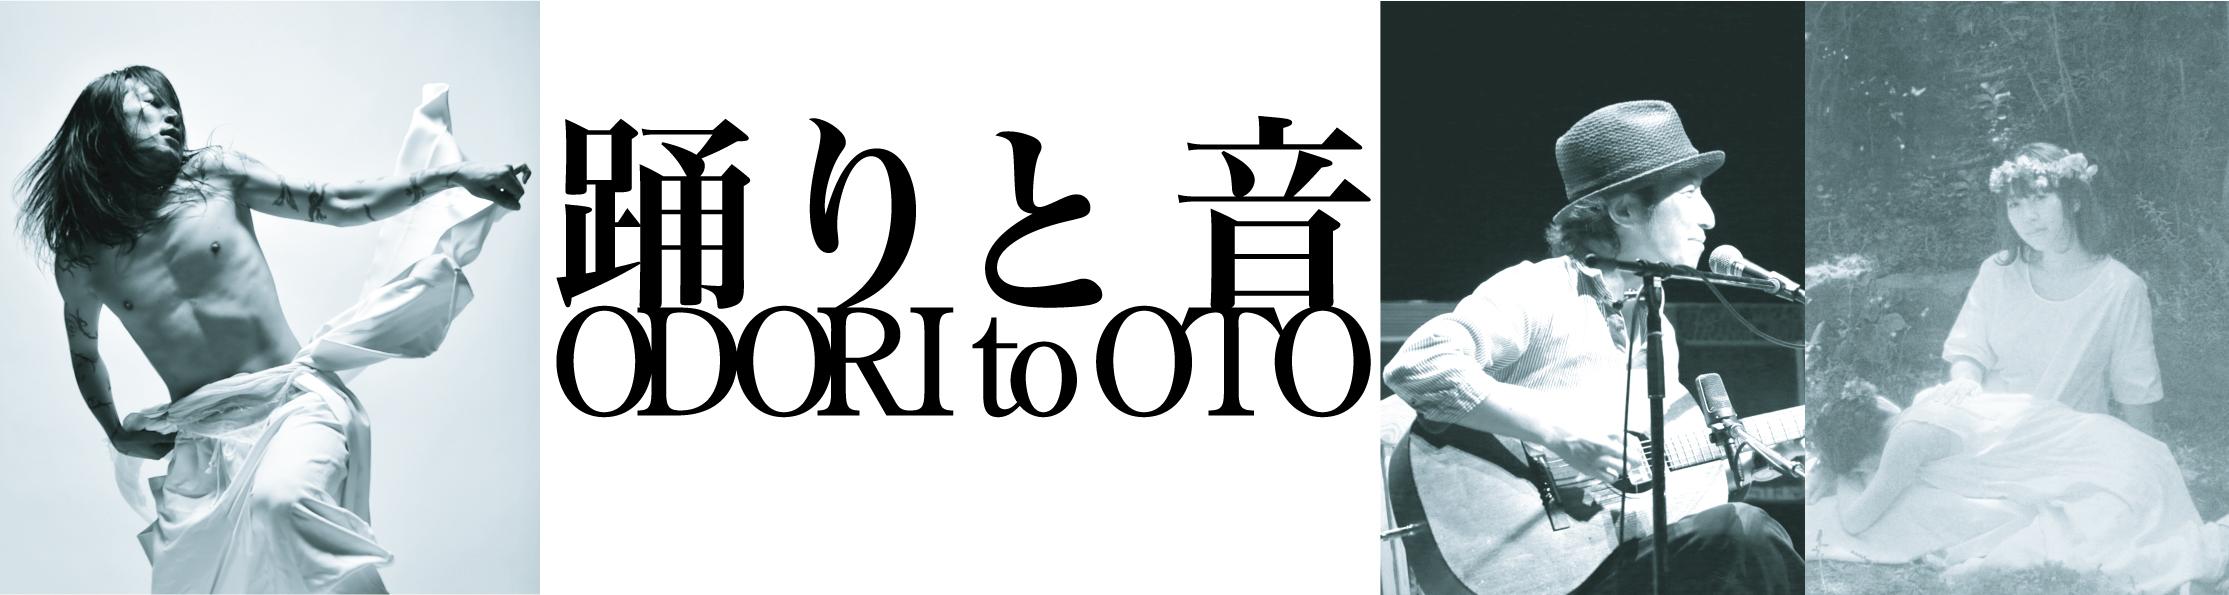 odoritooto10